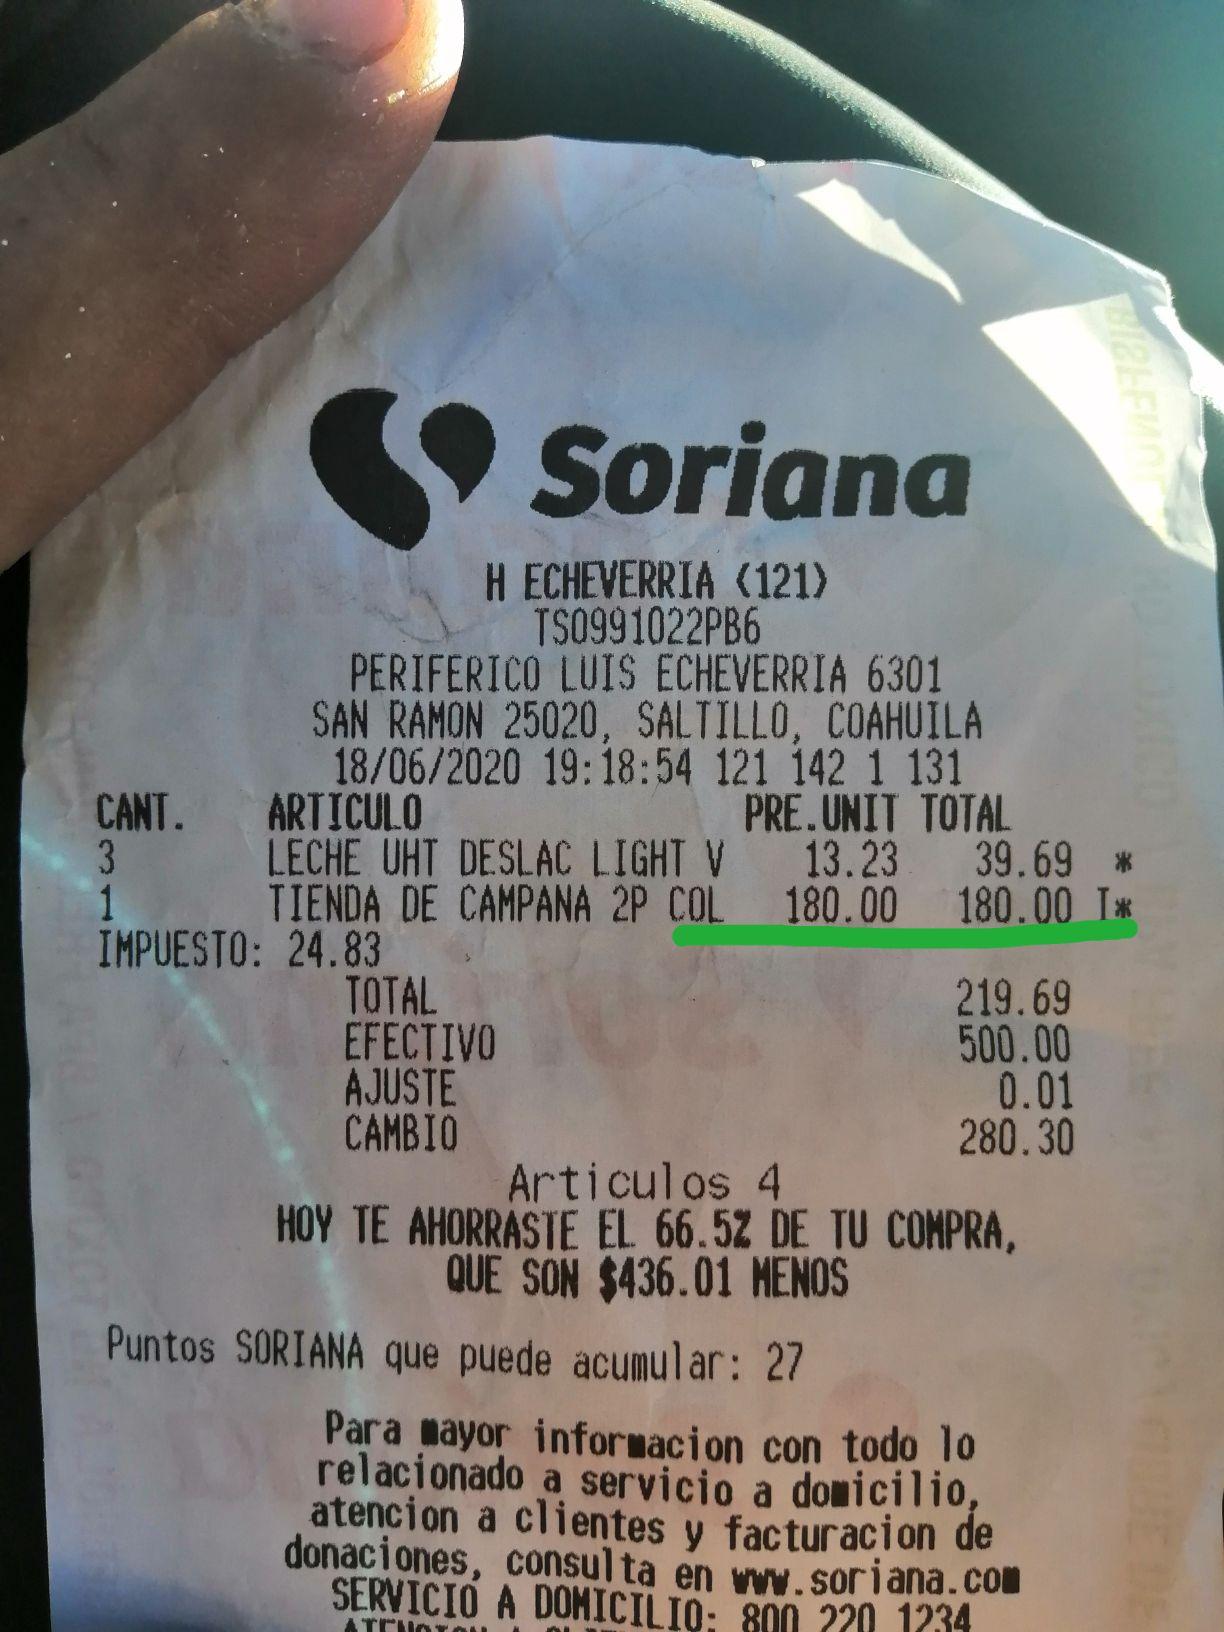 Soriana: Tienda de campaña p/2 personas marca coleman